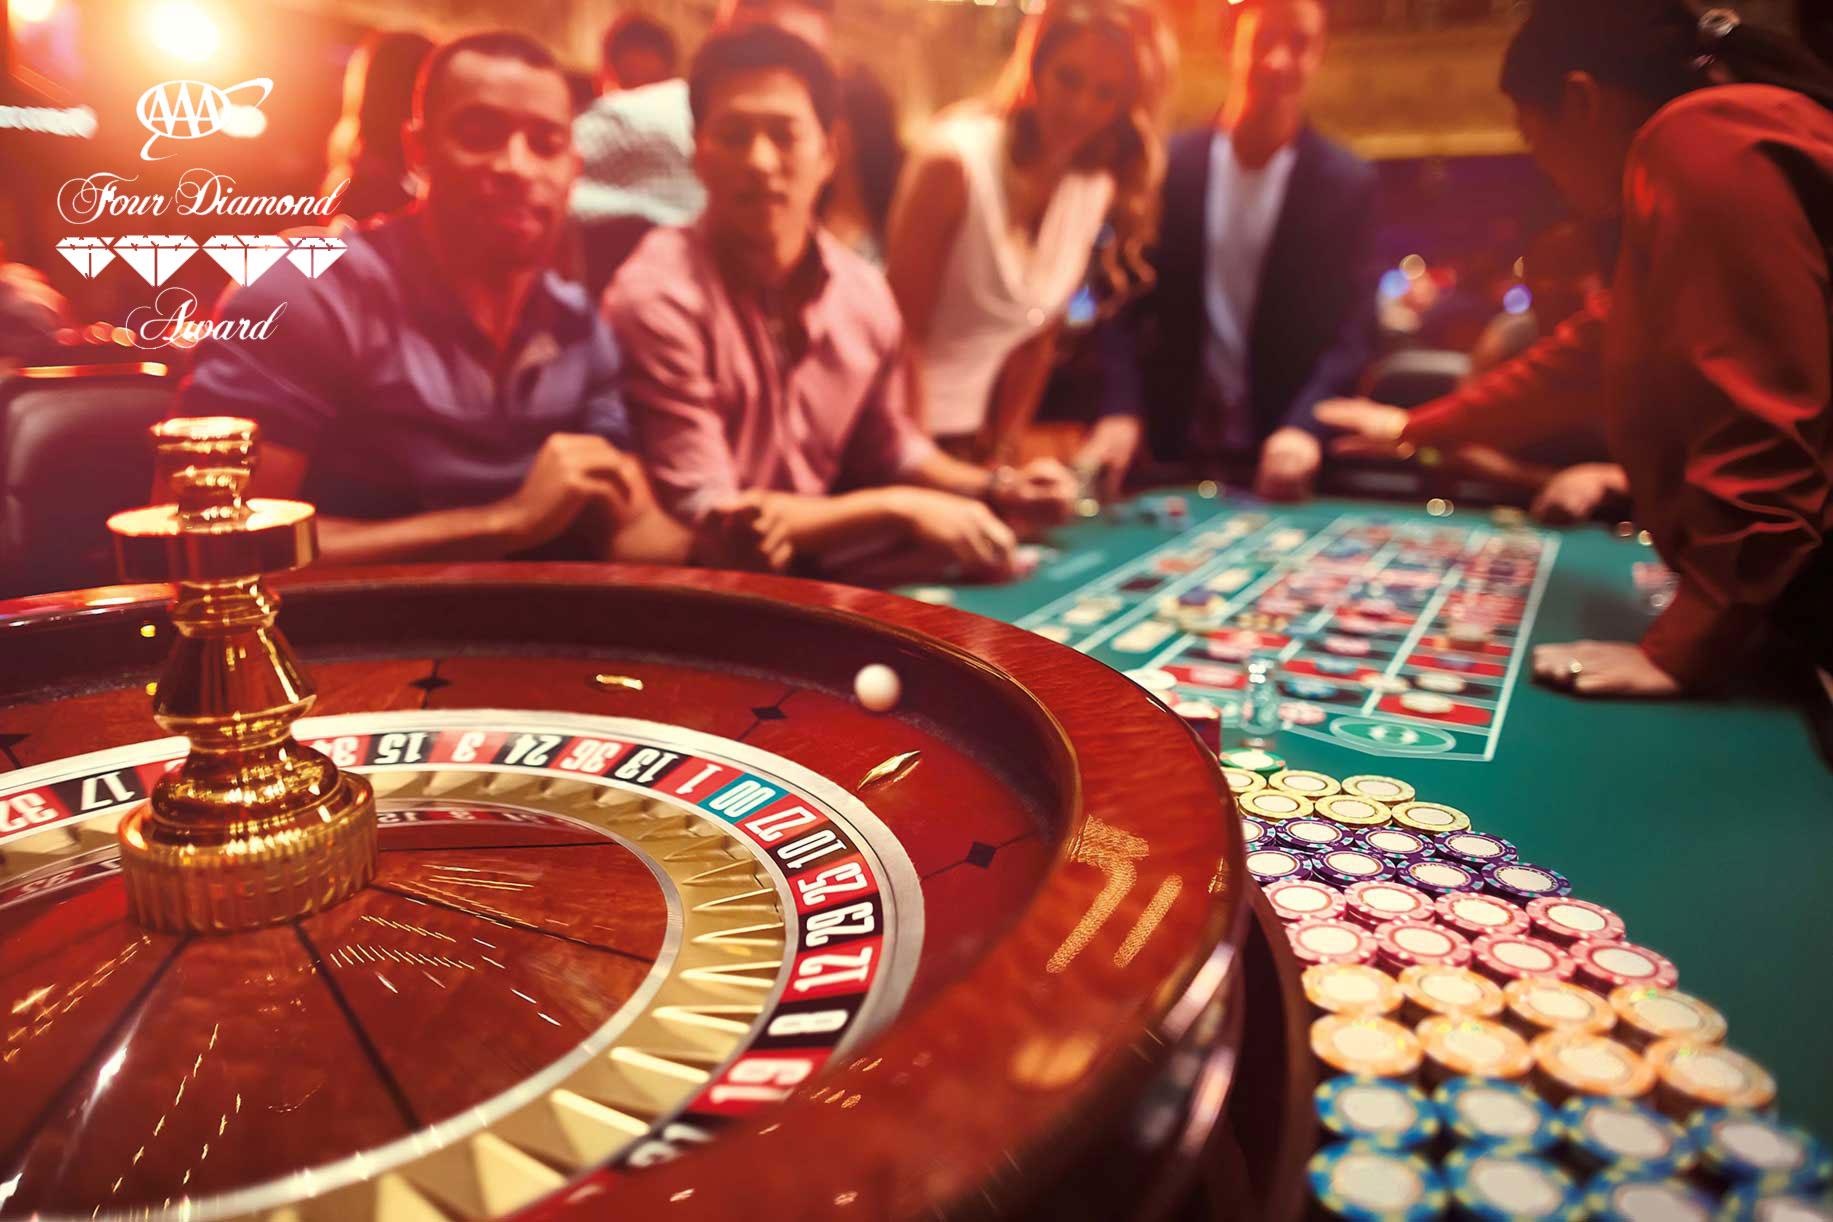 Casino & Resort|Ameristar Casino Resort|St. Charles Missouri